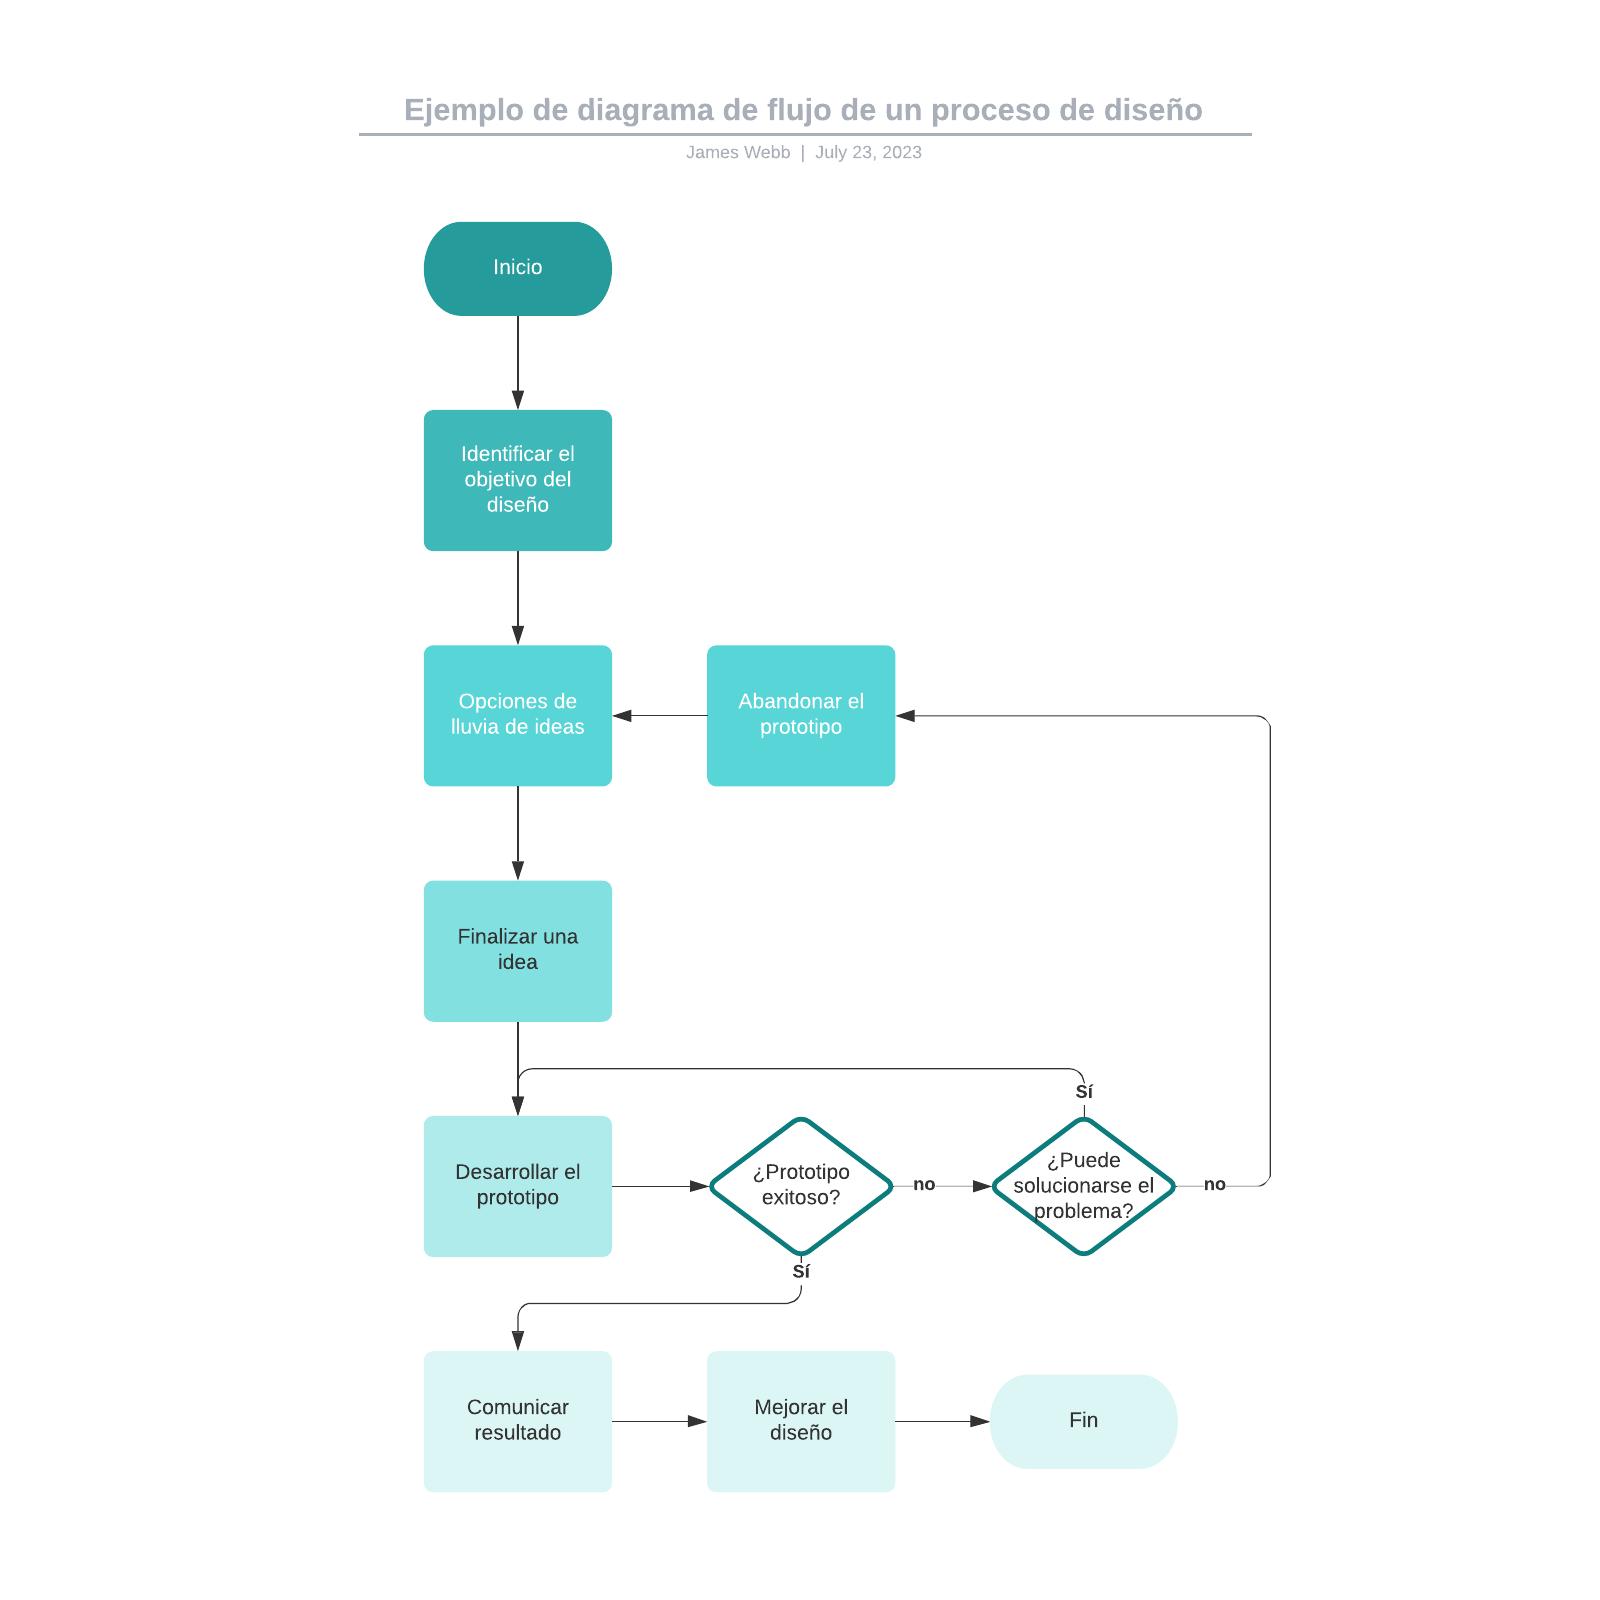 Ejemplo de diagrama de flujo de un proceso de diseño